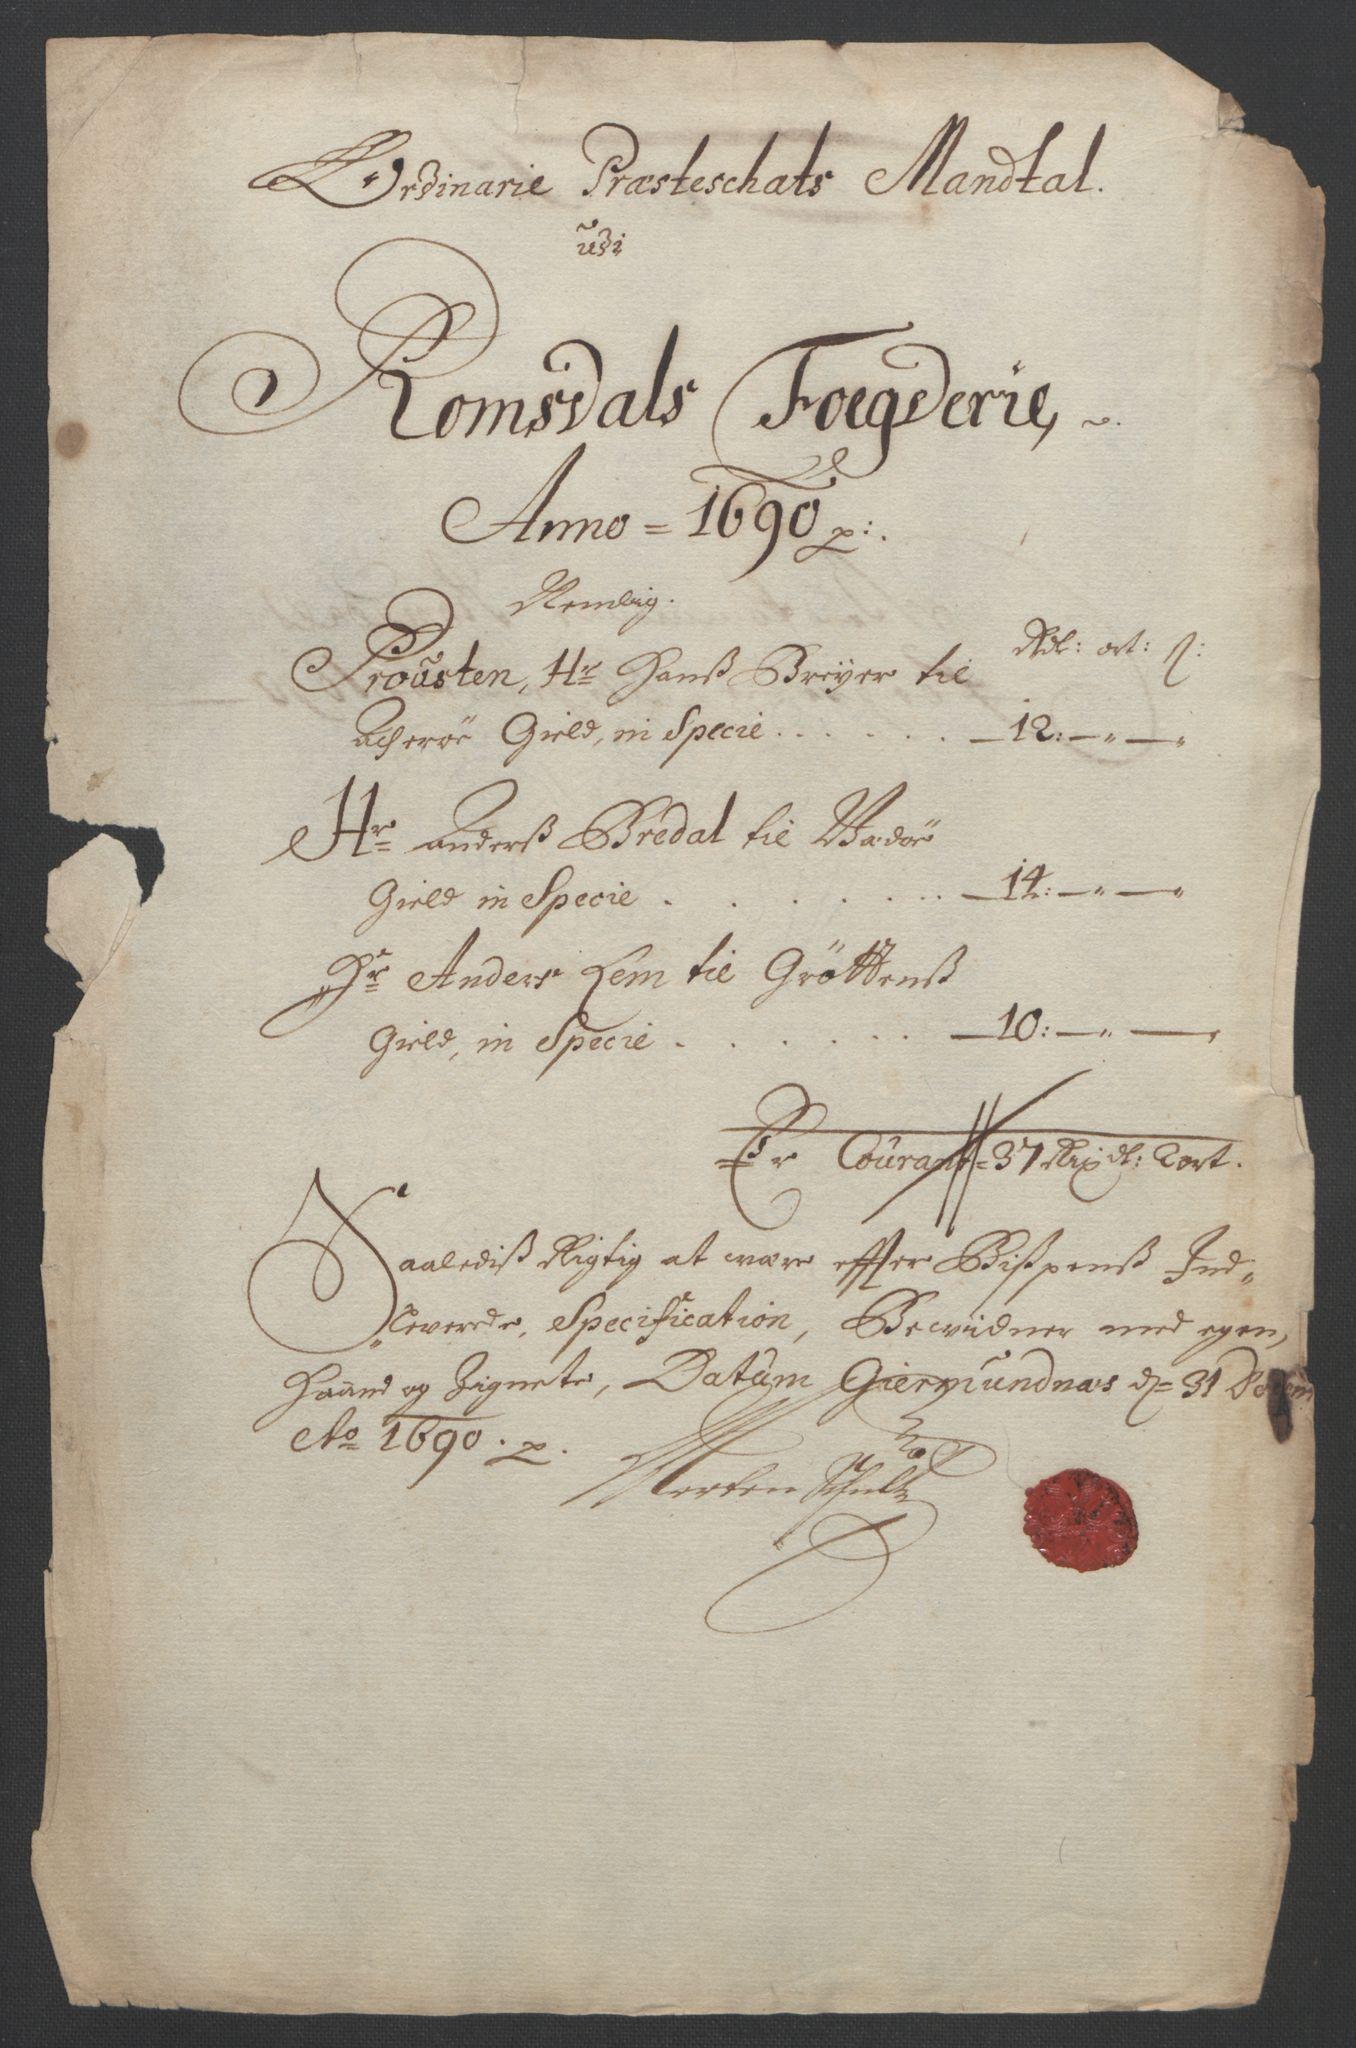 RA, Rentekammeret inntil 1814, Reviderte regnskaper, Fogderegnskap, R55/L3649: Fogderegnskap Romsdal, 1690-1691, s. 160